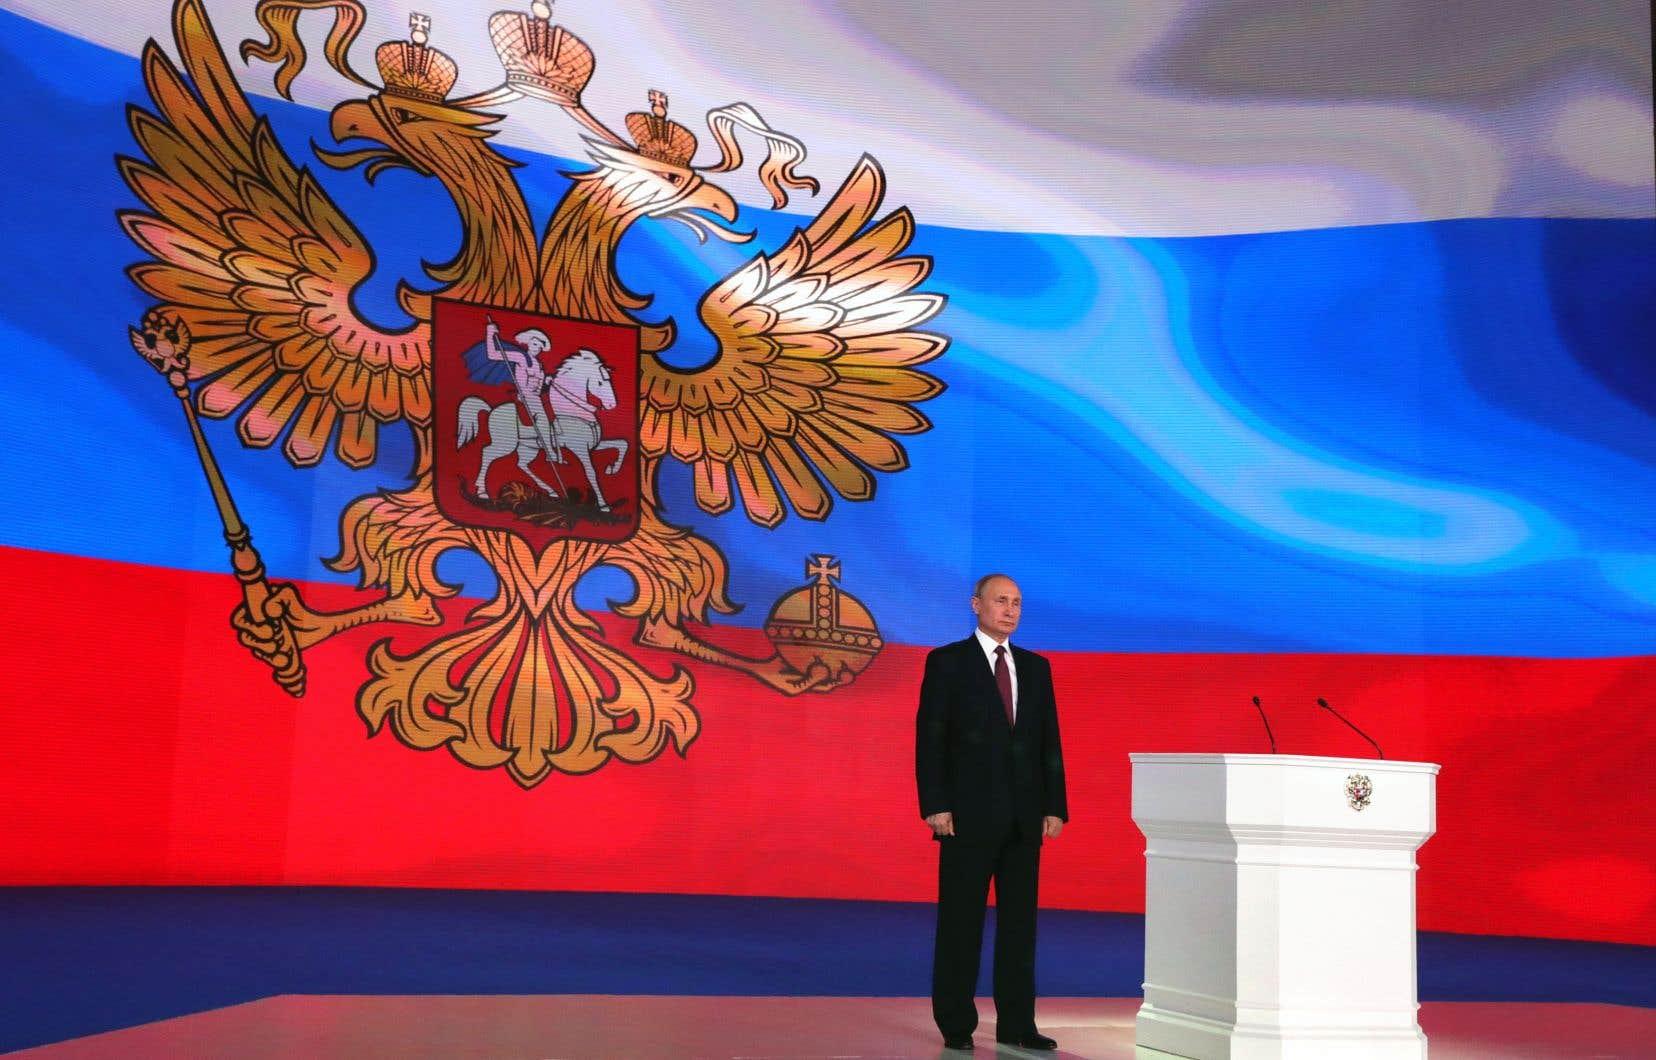 Le président Vladimir Poutine voue un culte au tsar Pierre le Grand.Il souhaite redresser la Russie et lui redonner sa grandeur, souligne l'auteur.